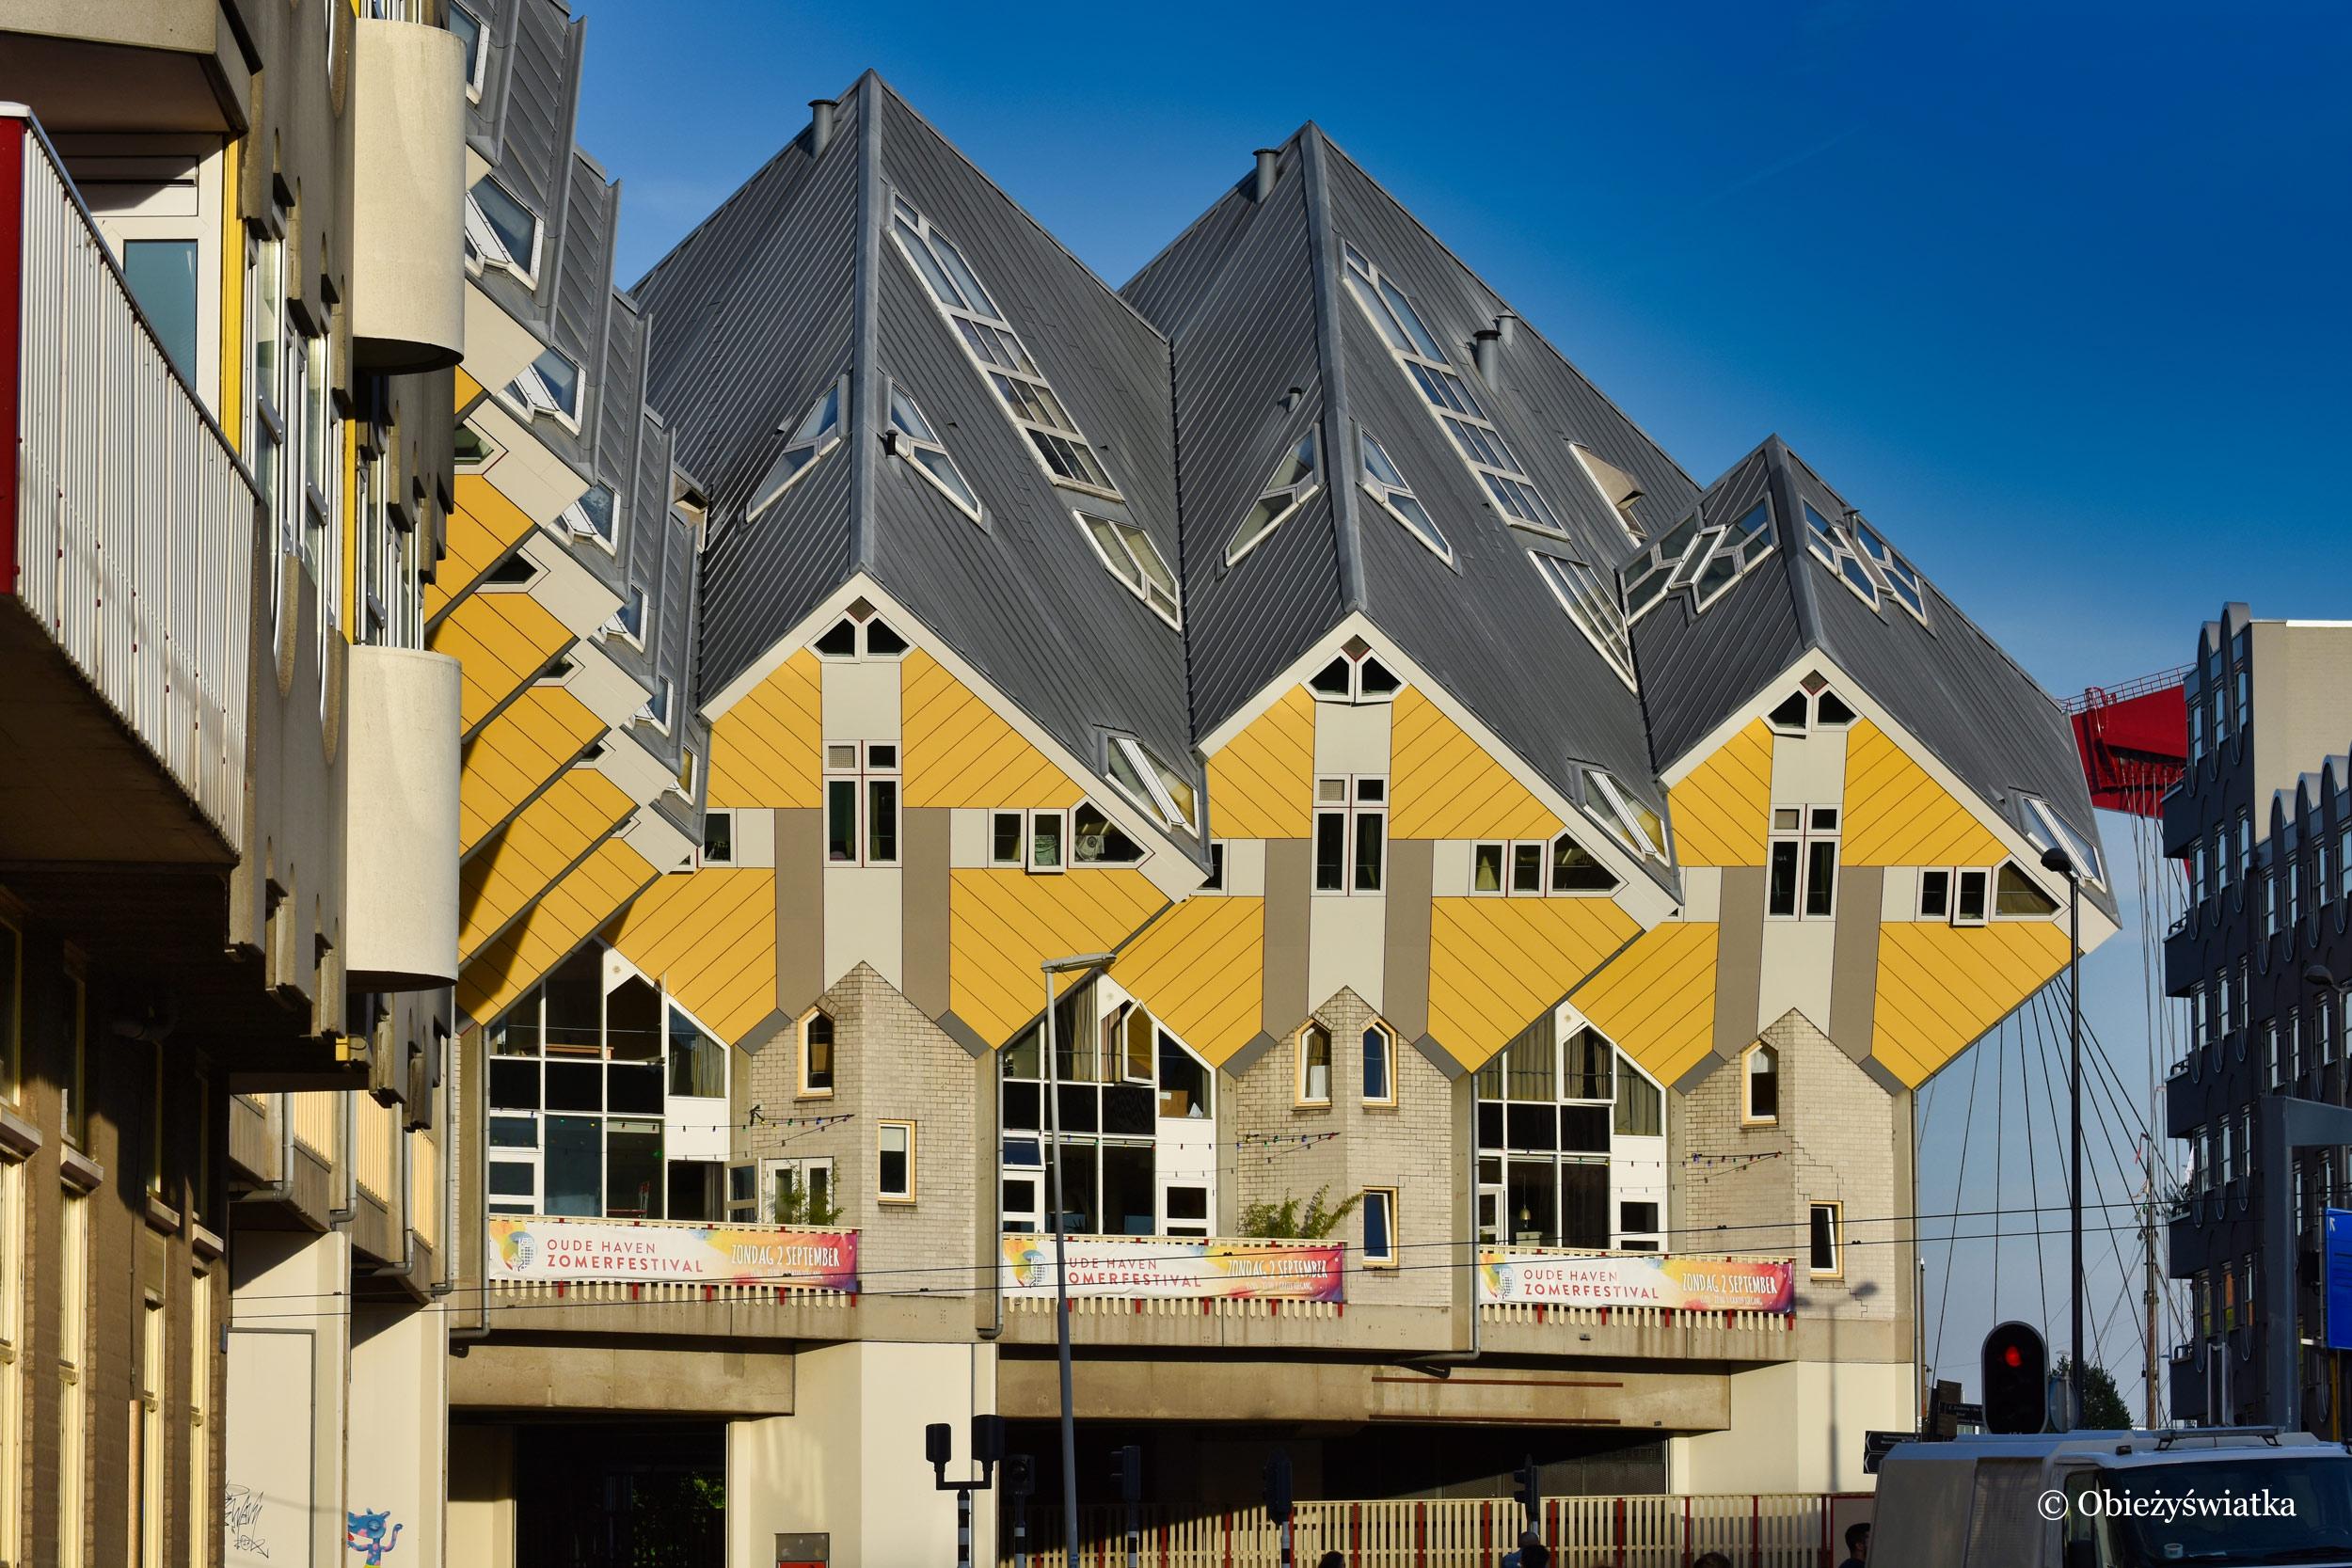 Kolorowe domki sześcienne w Rotterdamie